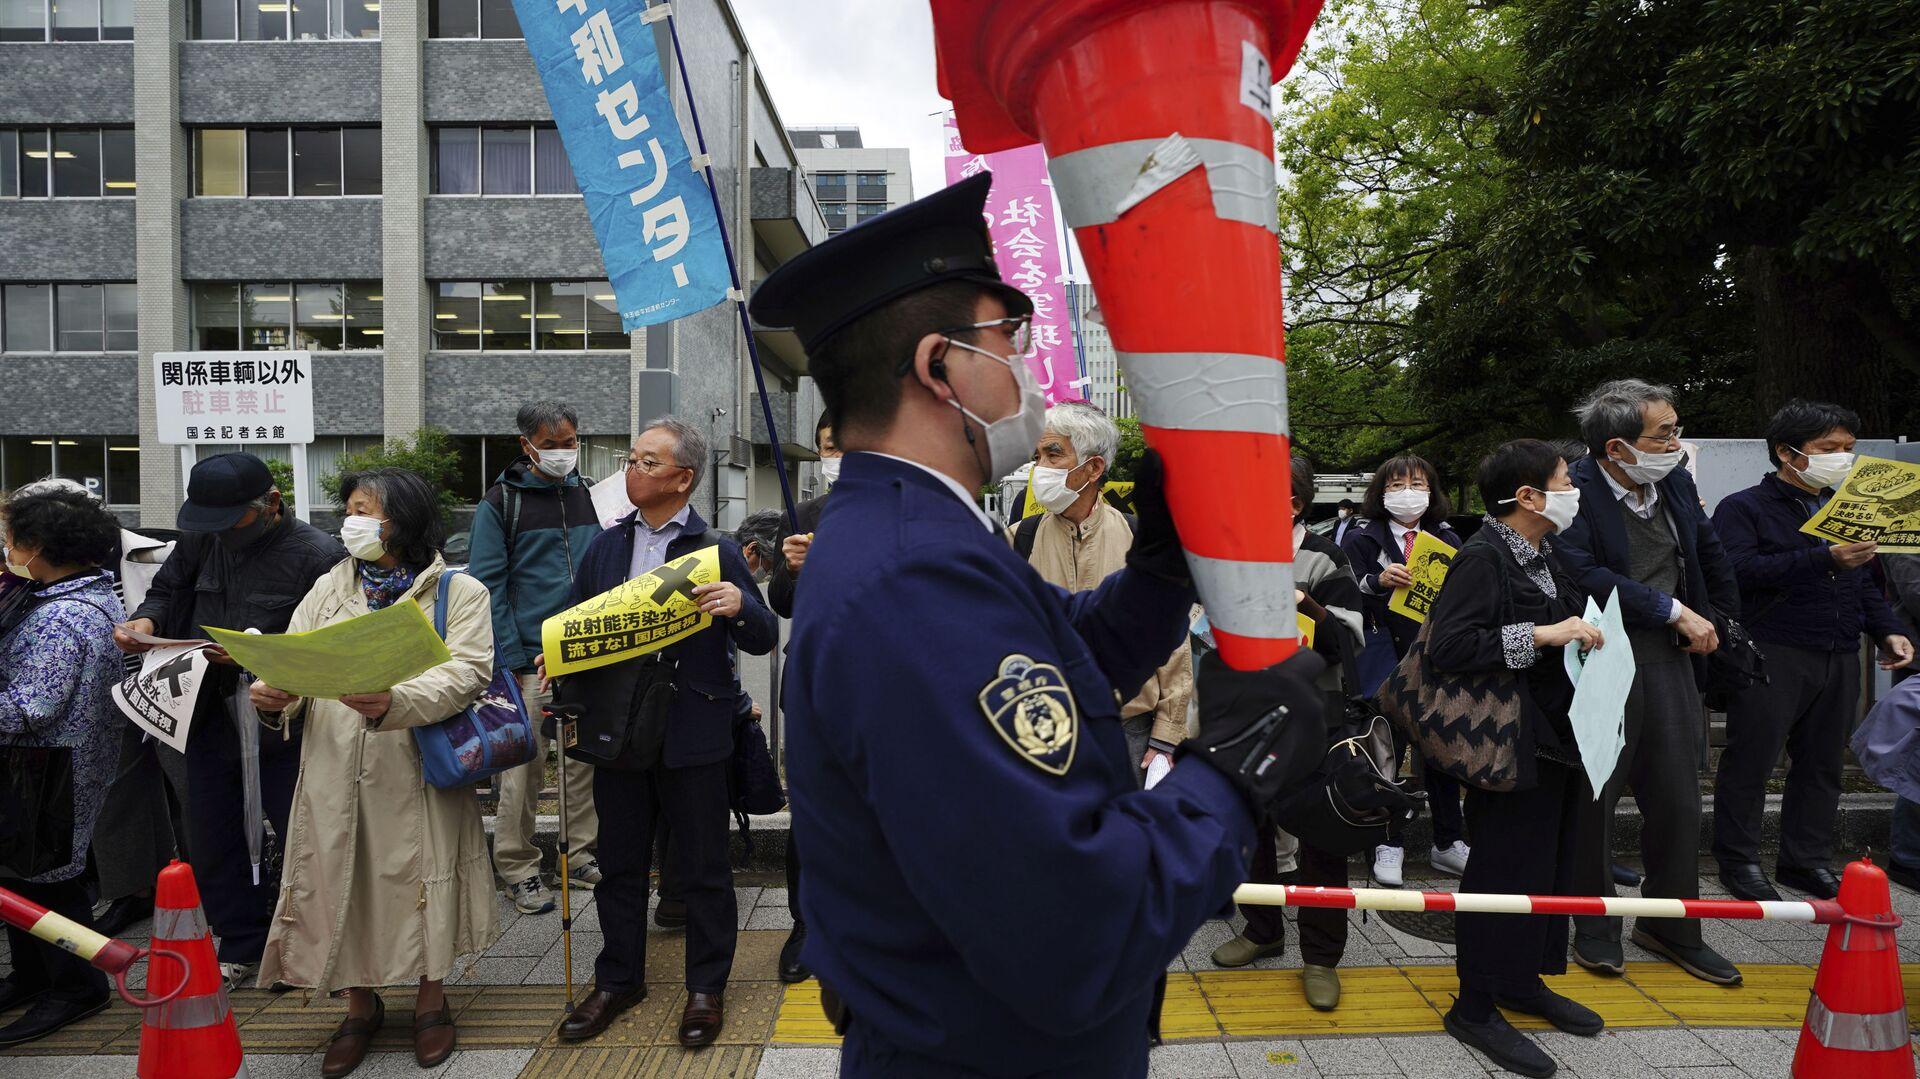 Протесты против плана правительства Японии по сбросу воды с АЭС Фукусима в океан - Sputnik Mundo, 1920, 13.04.2021